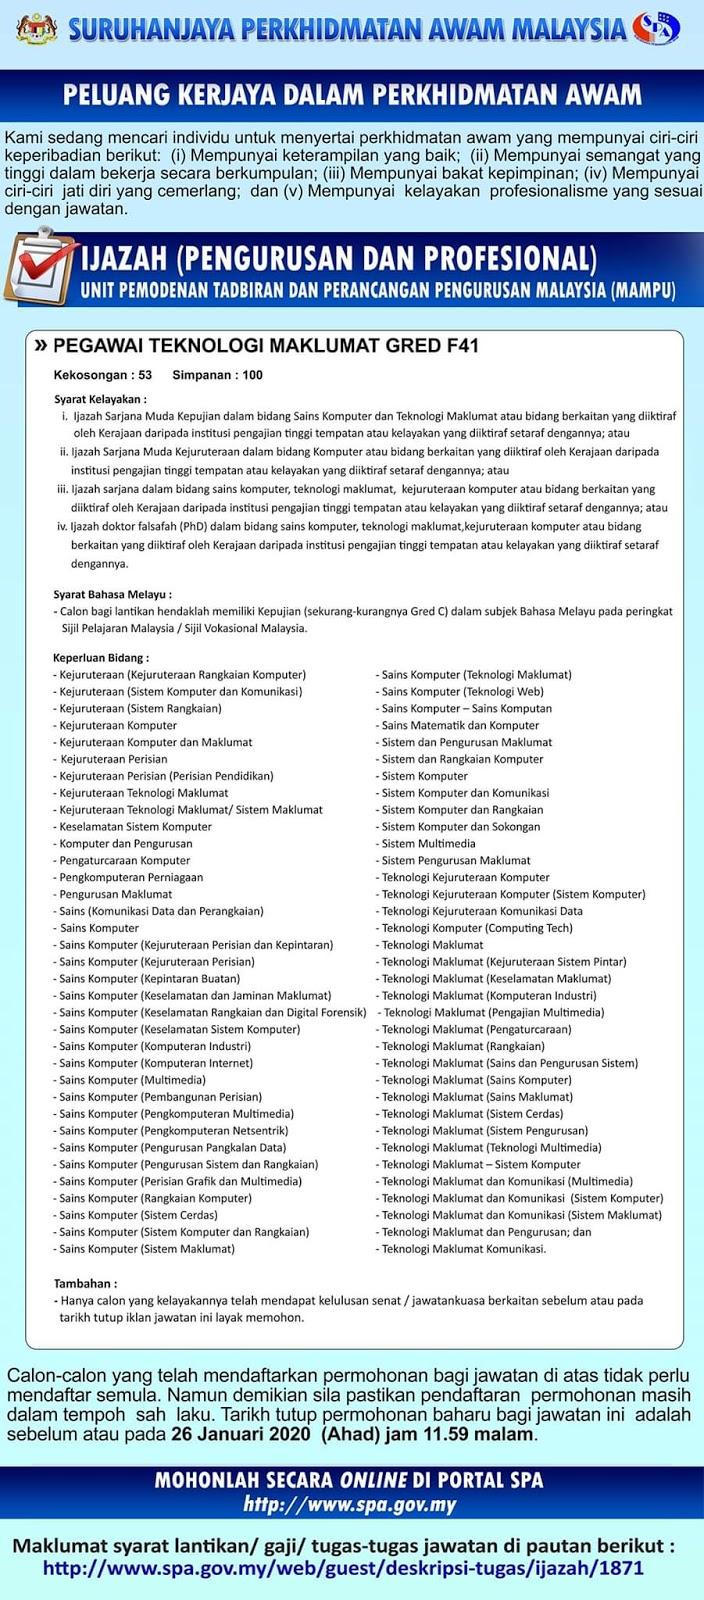 Jawatan Kosong Pegawai Teknologi Maklumat F41 Spa